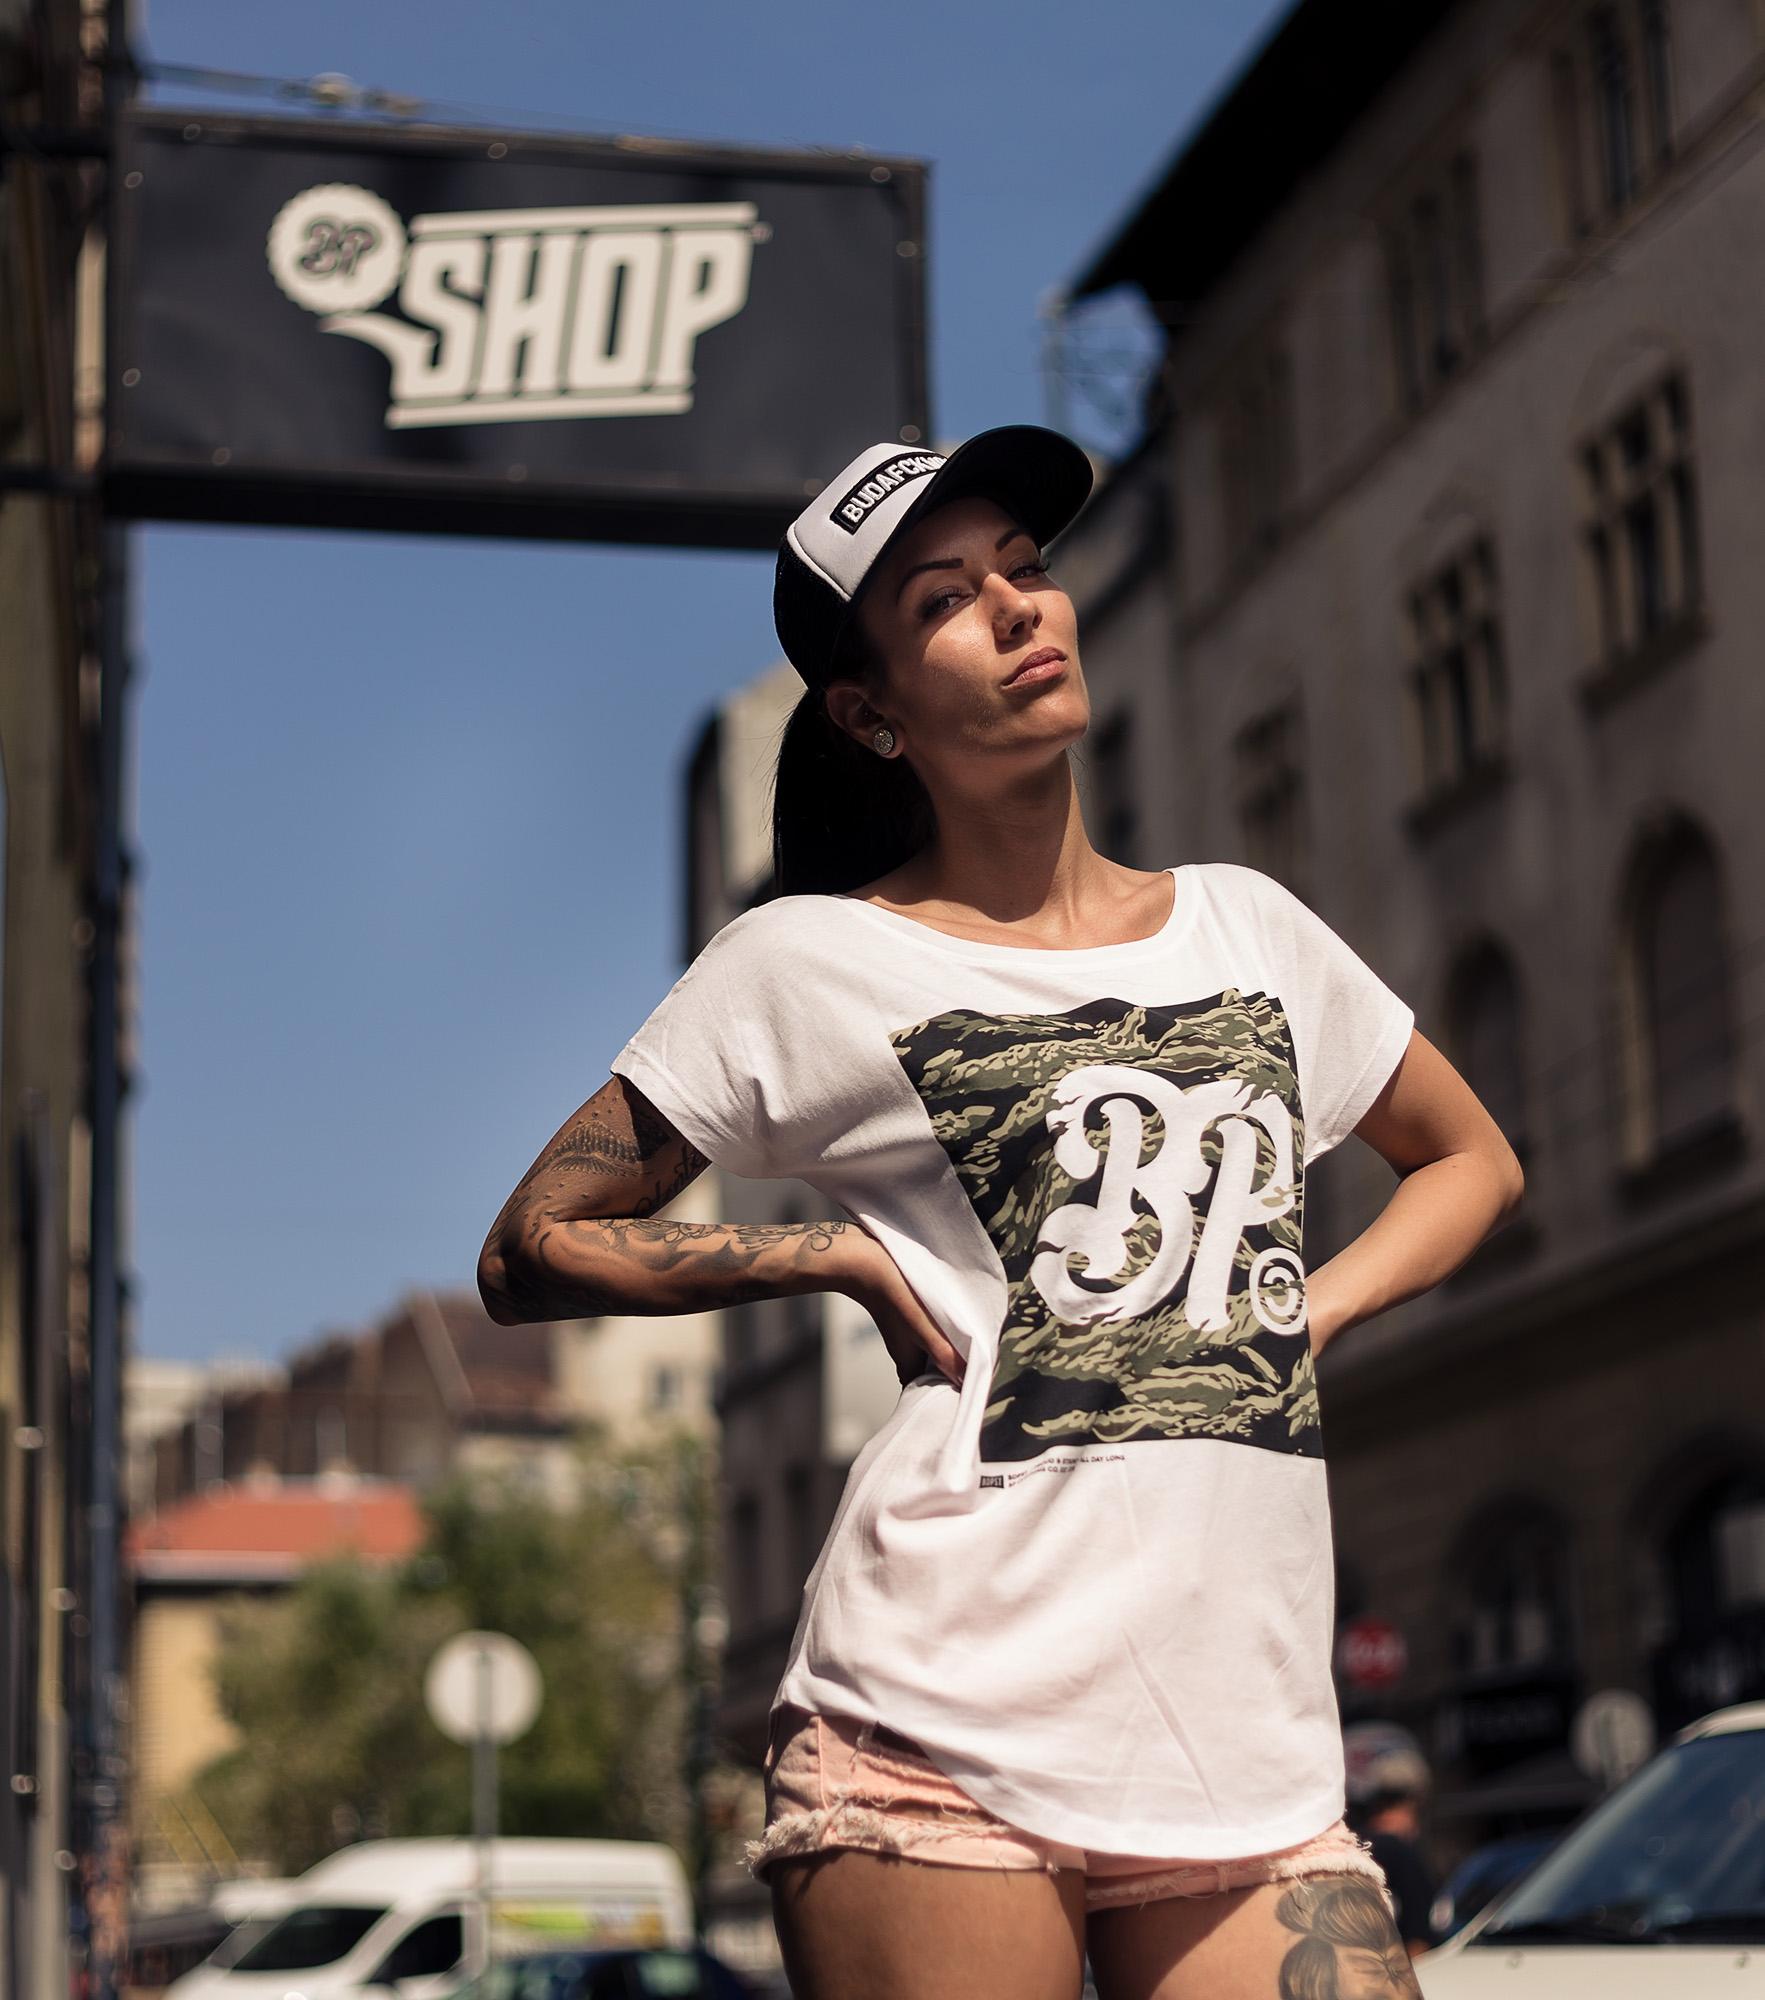 2017 BP Shop Demo